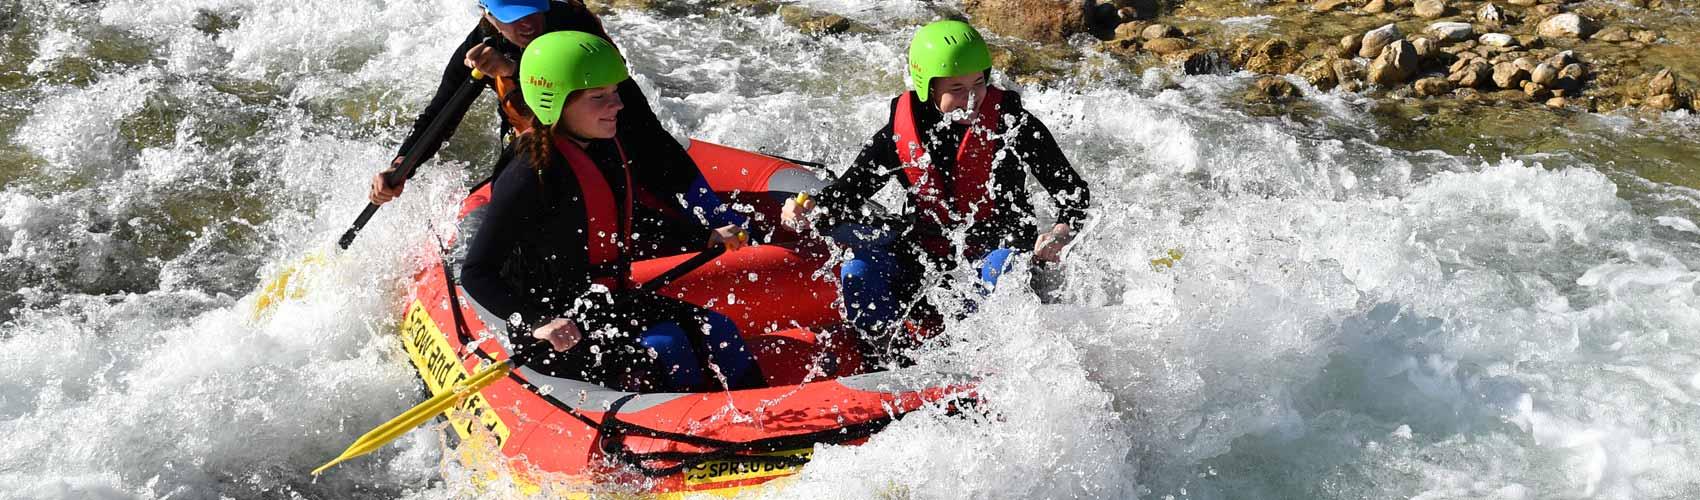 Rafting München Junggesellenabschied, die JGA easy Action nicht nur für Männer